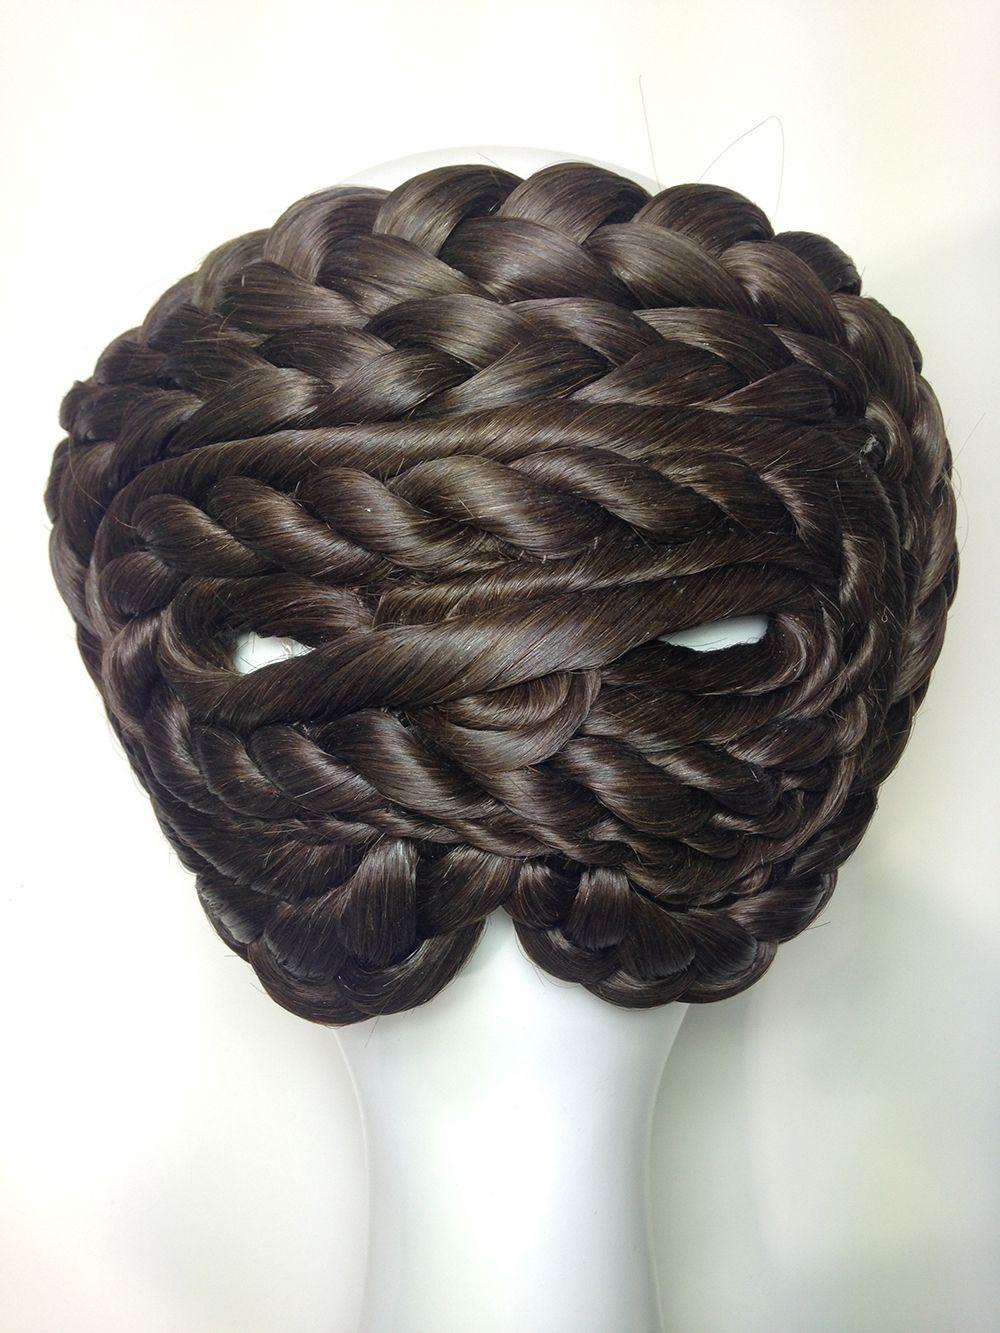 Moño y rodete mediano modelo cordón: Productos de Art & Moño, Amanda Ascot